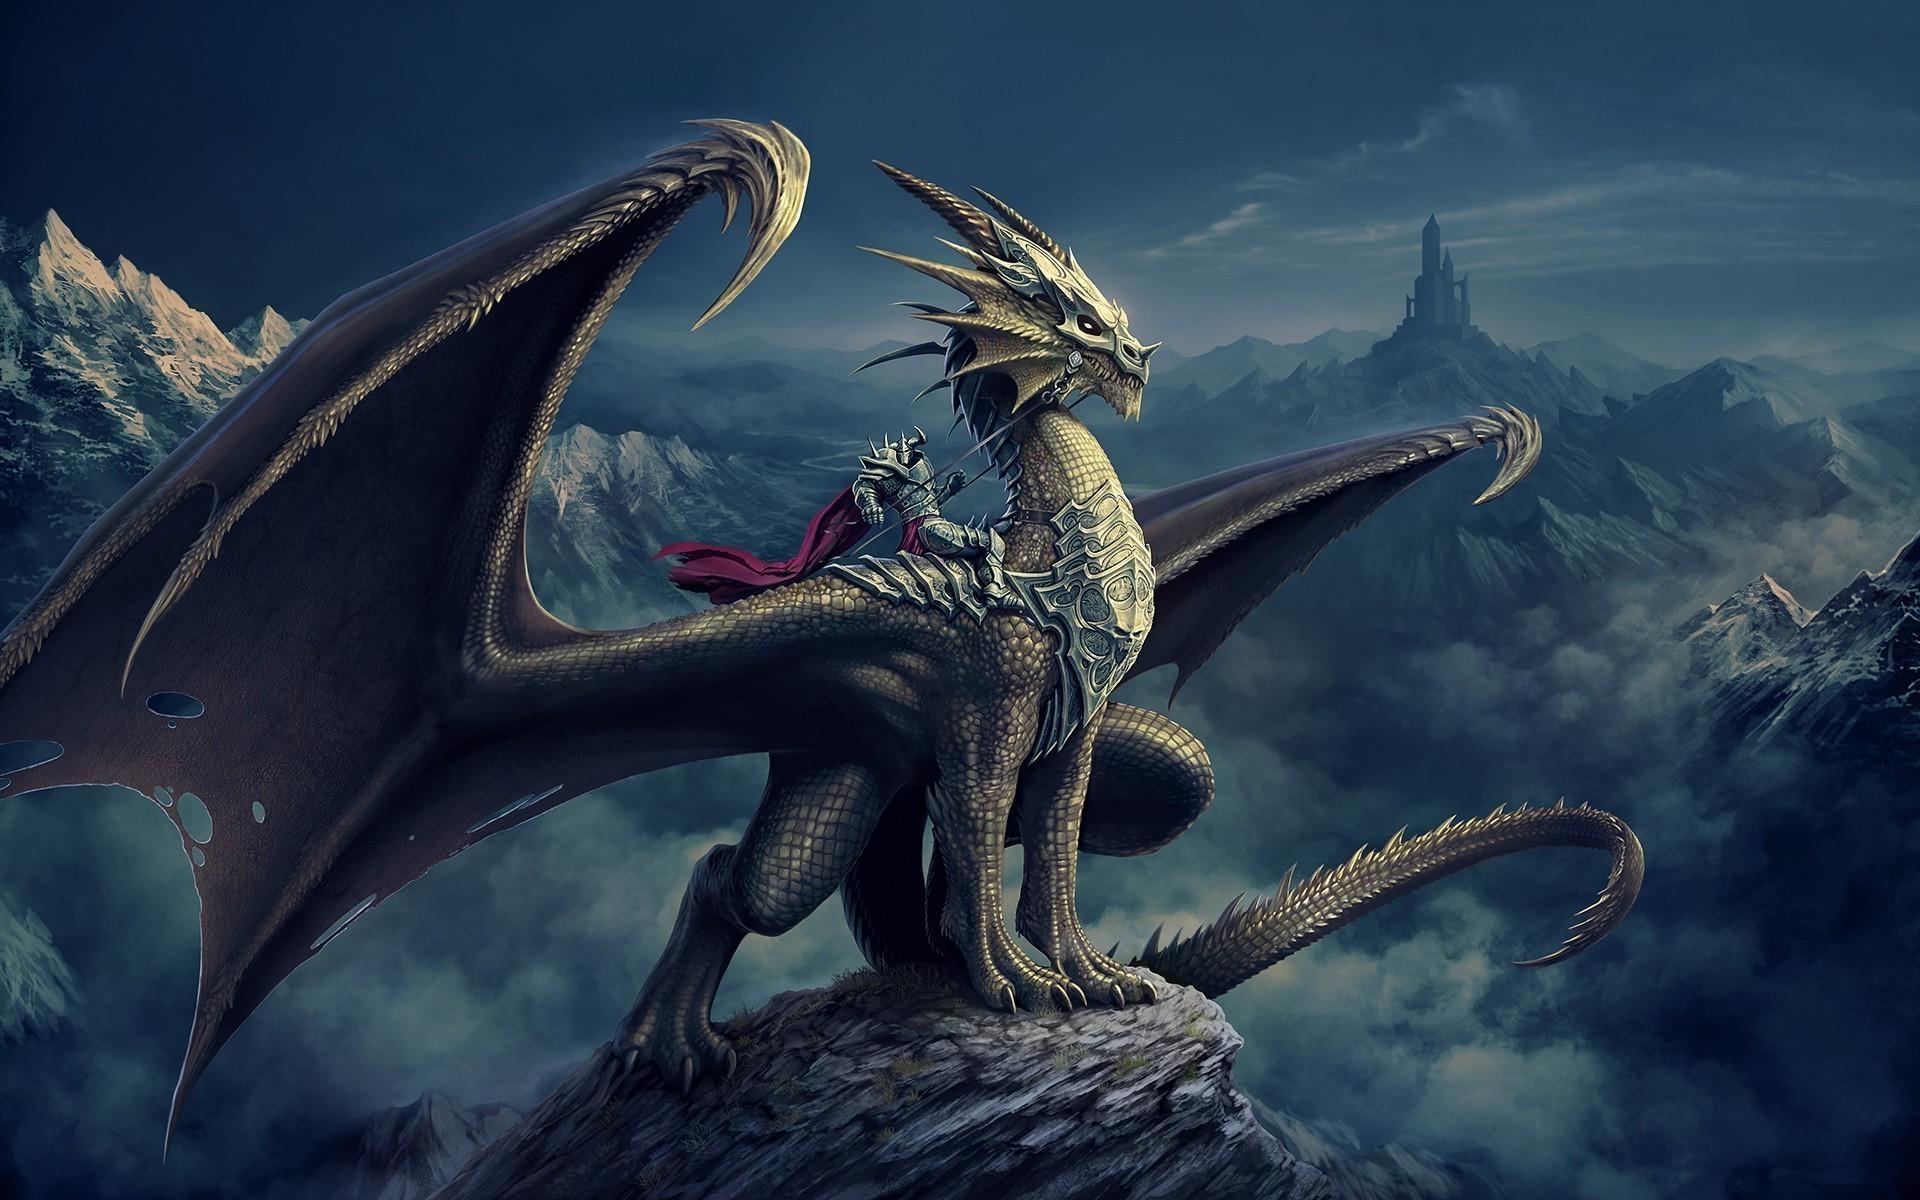 Драконы картинки в хорошем качестве